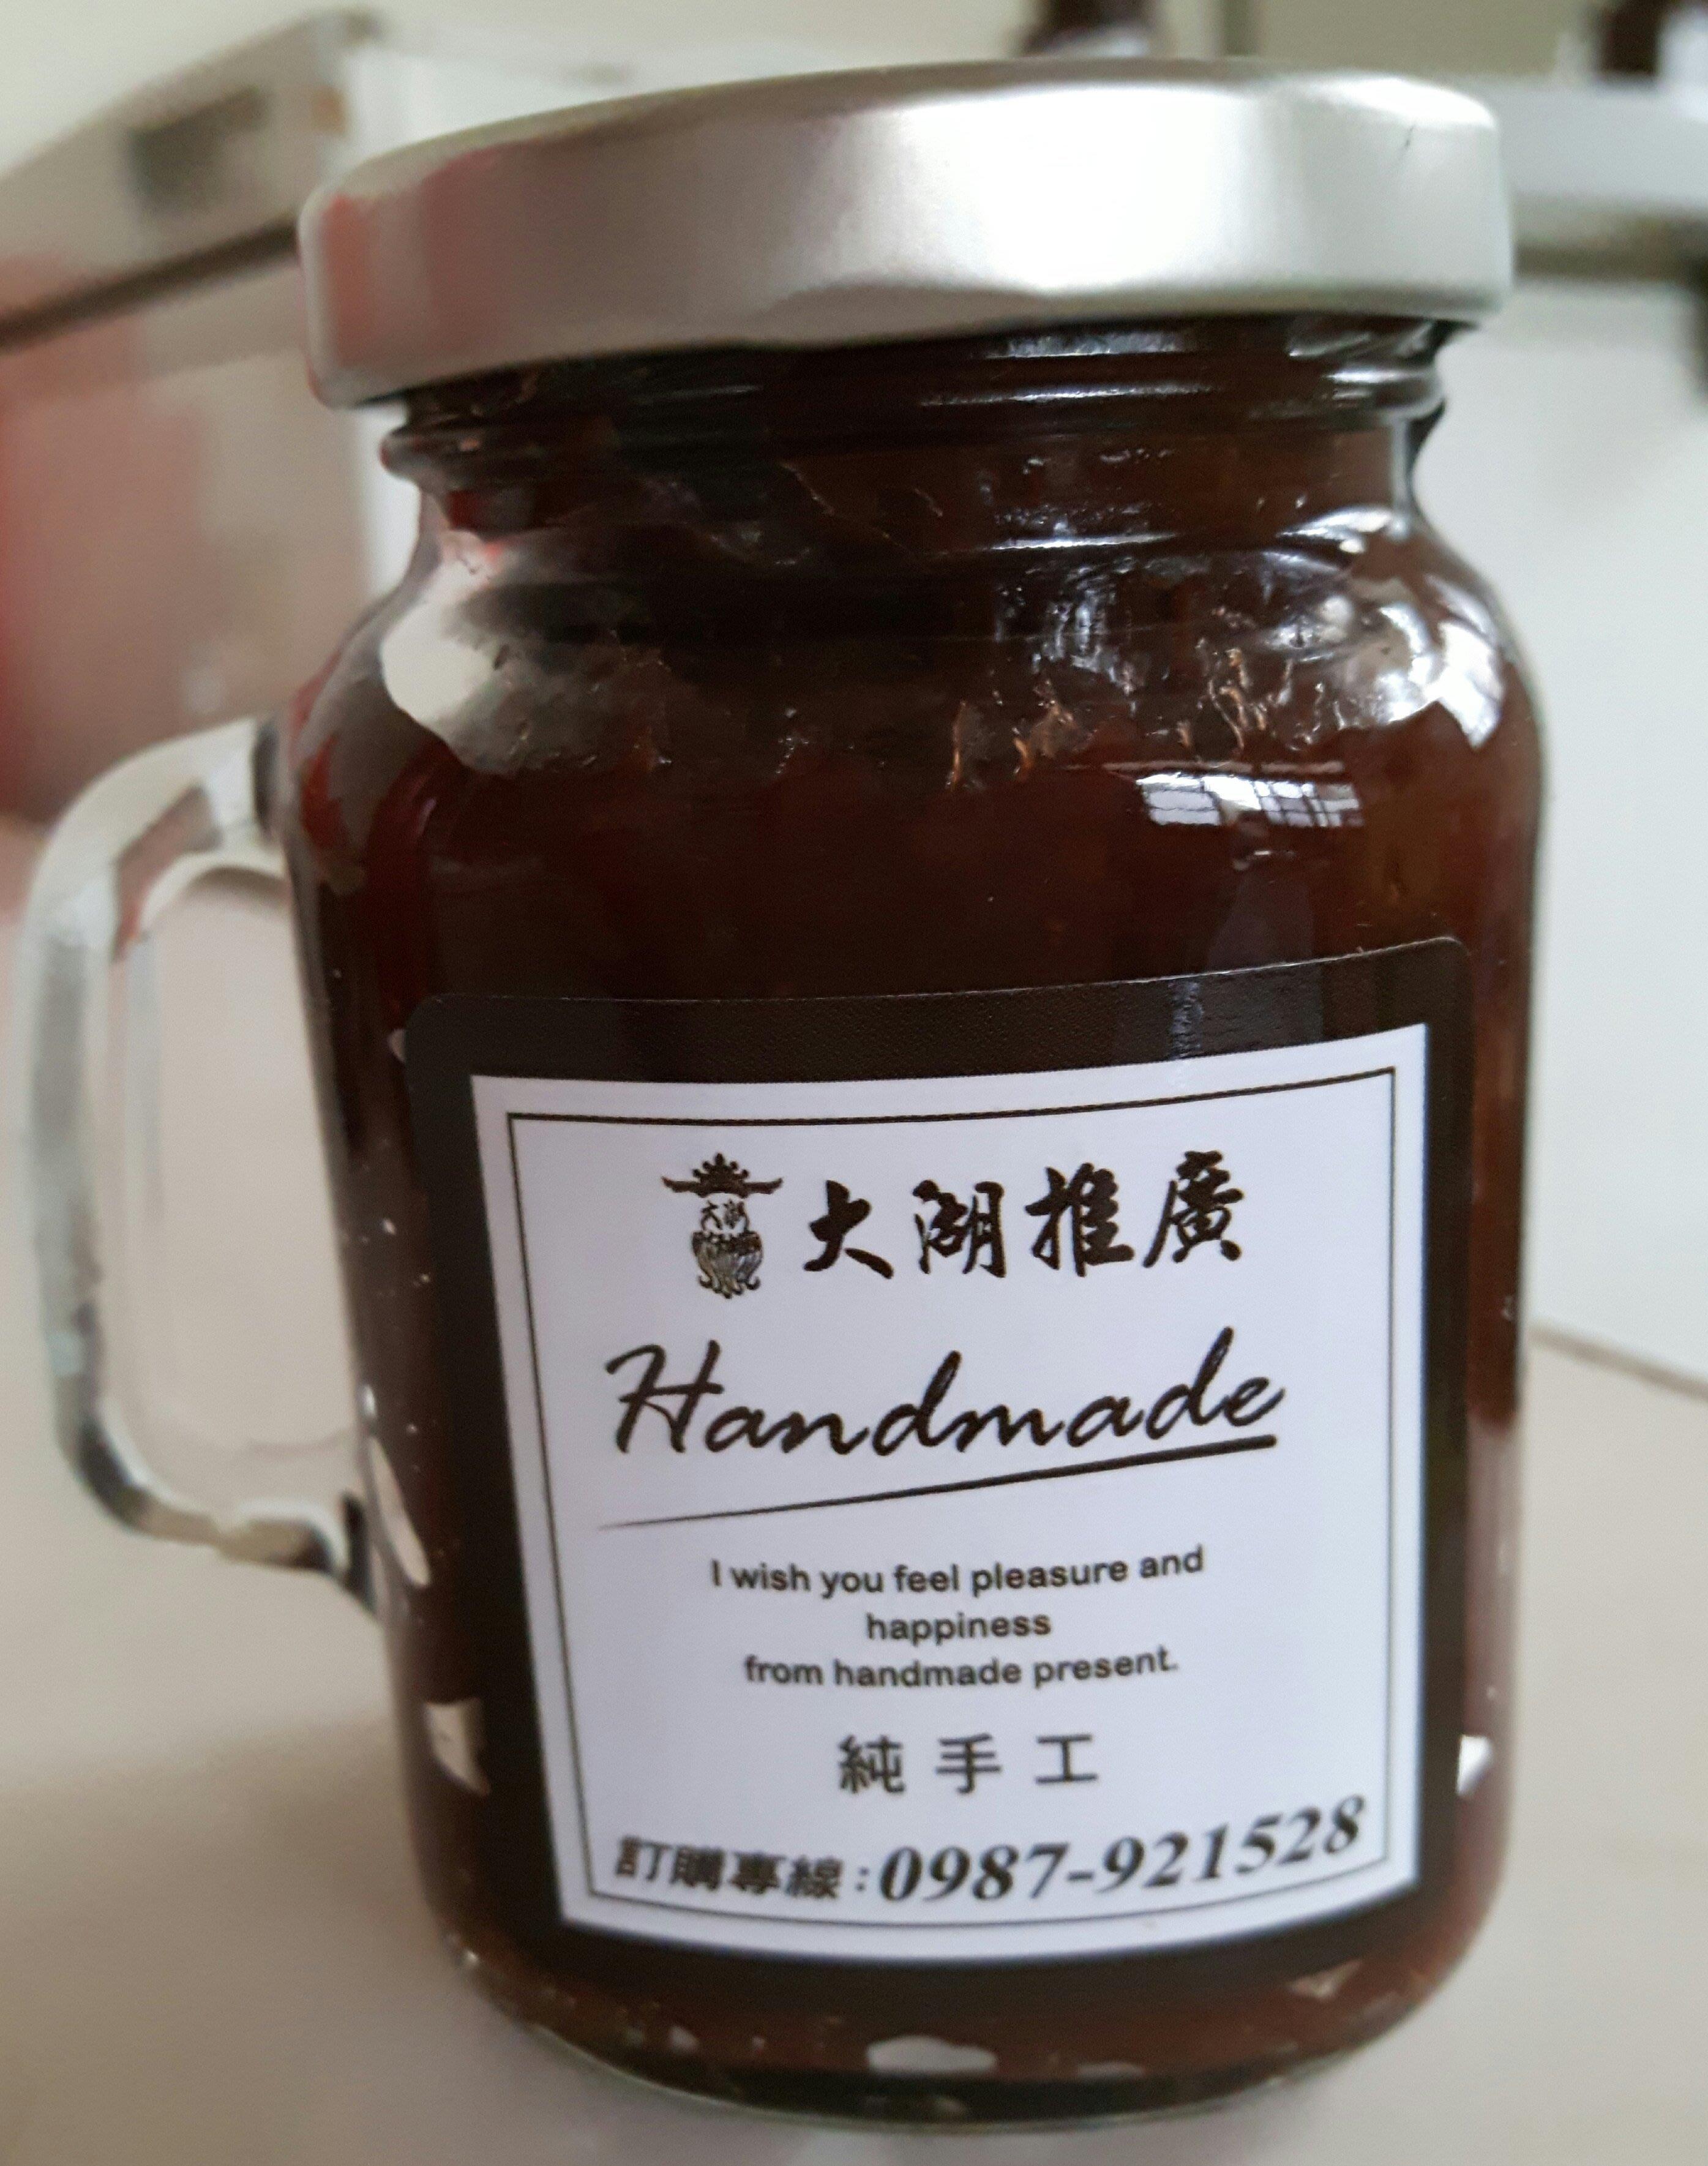 大湖推廣~大湖草莓~純天然手工草莓醬~150g推廣優惠價180元~每一口都是濃郁草莓果肉~每天新鮮製作出貨~